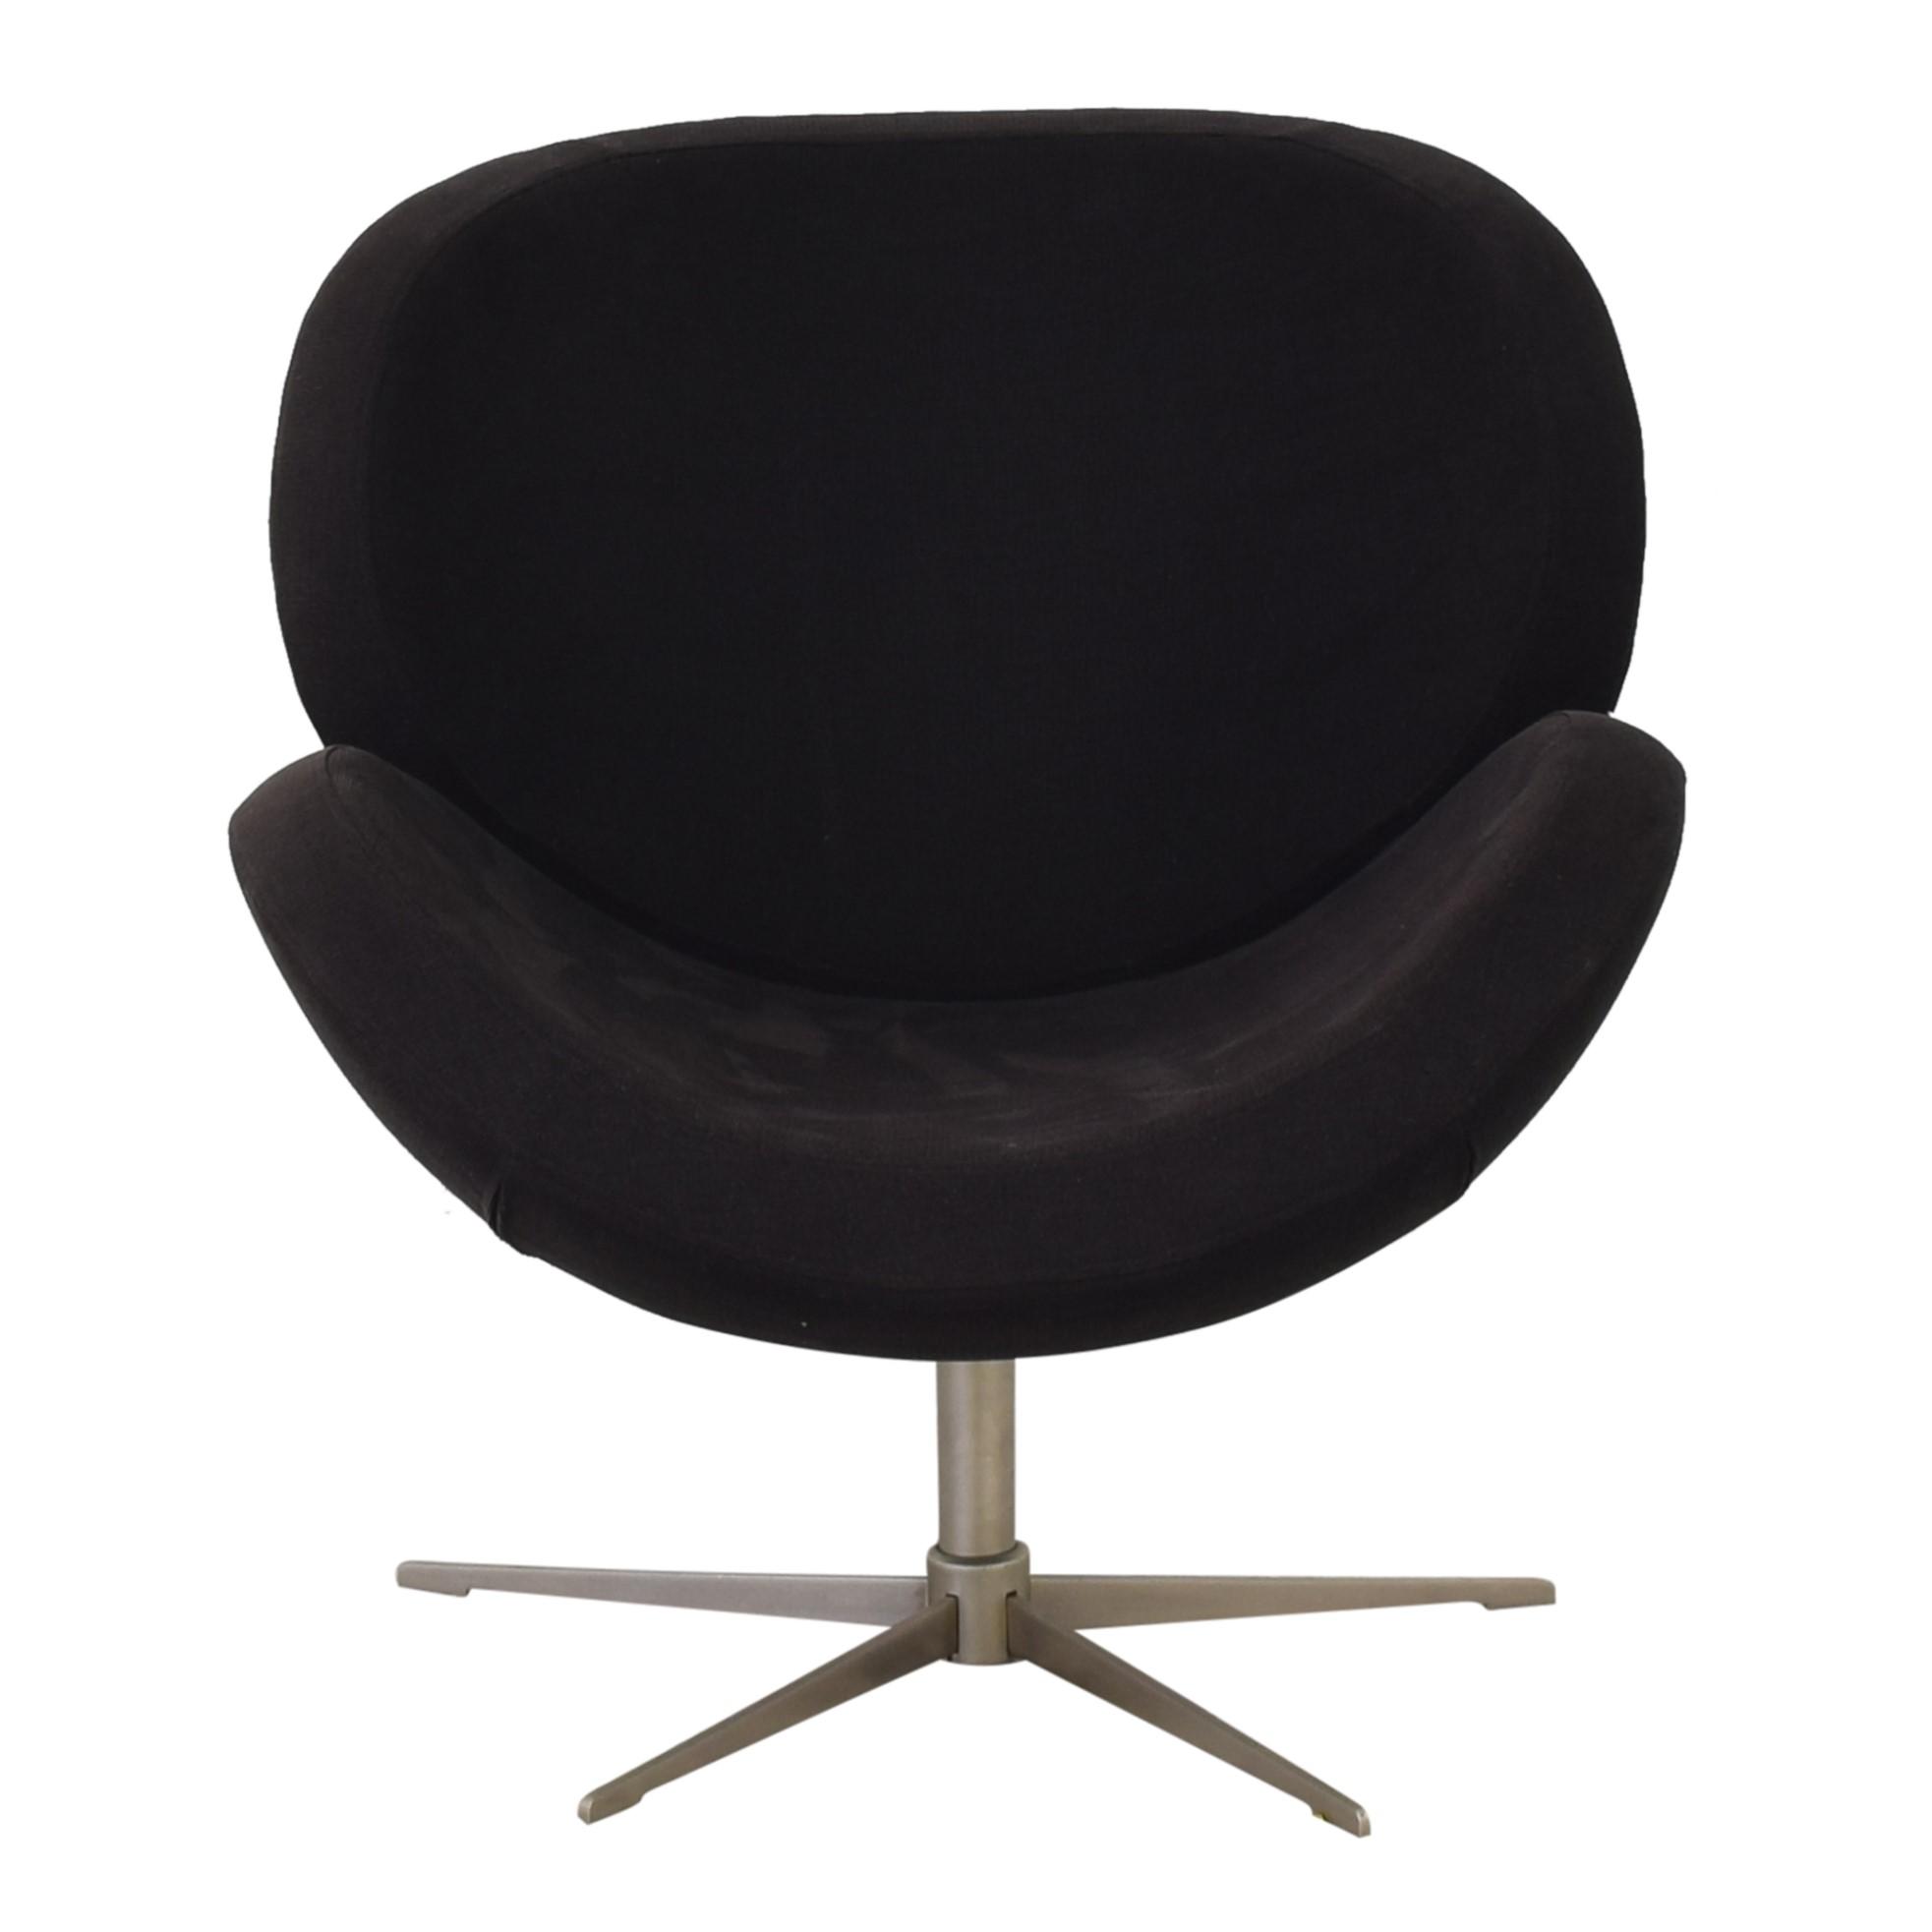 shop BoConcept Swivel Accent Chair BoConcept Accent Chairs